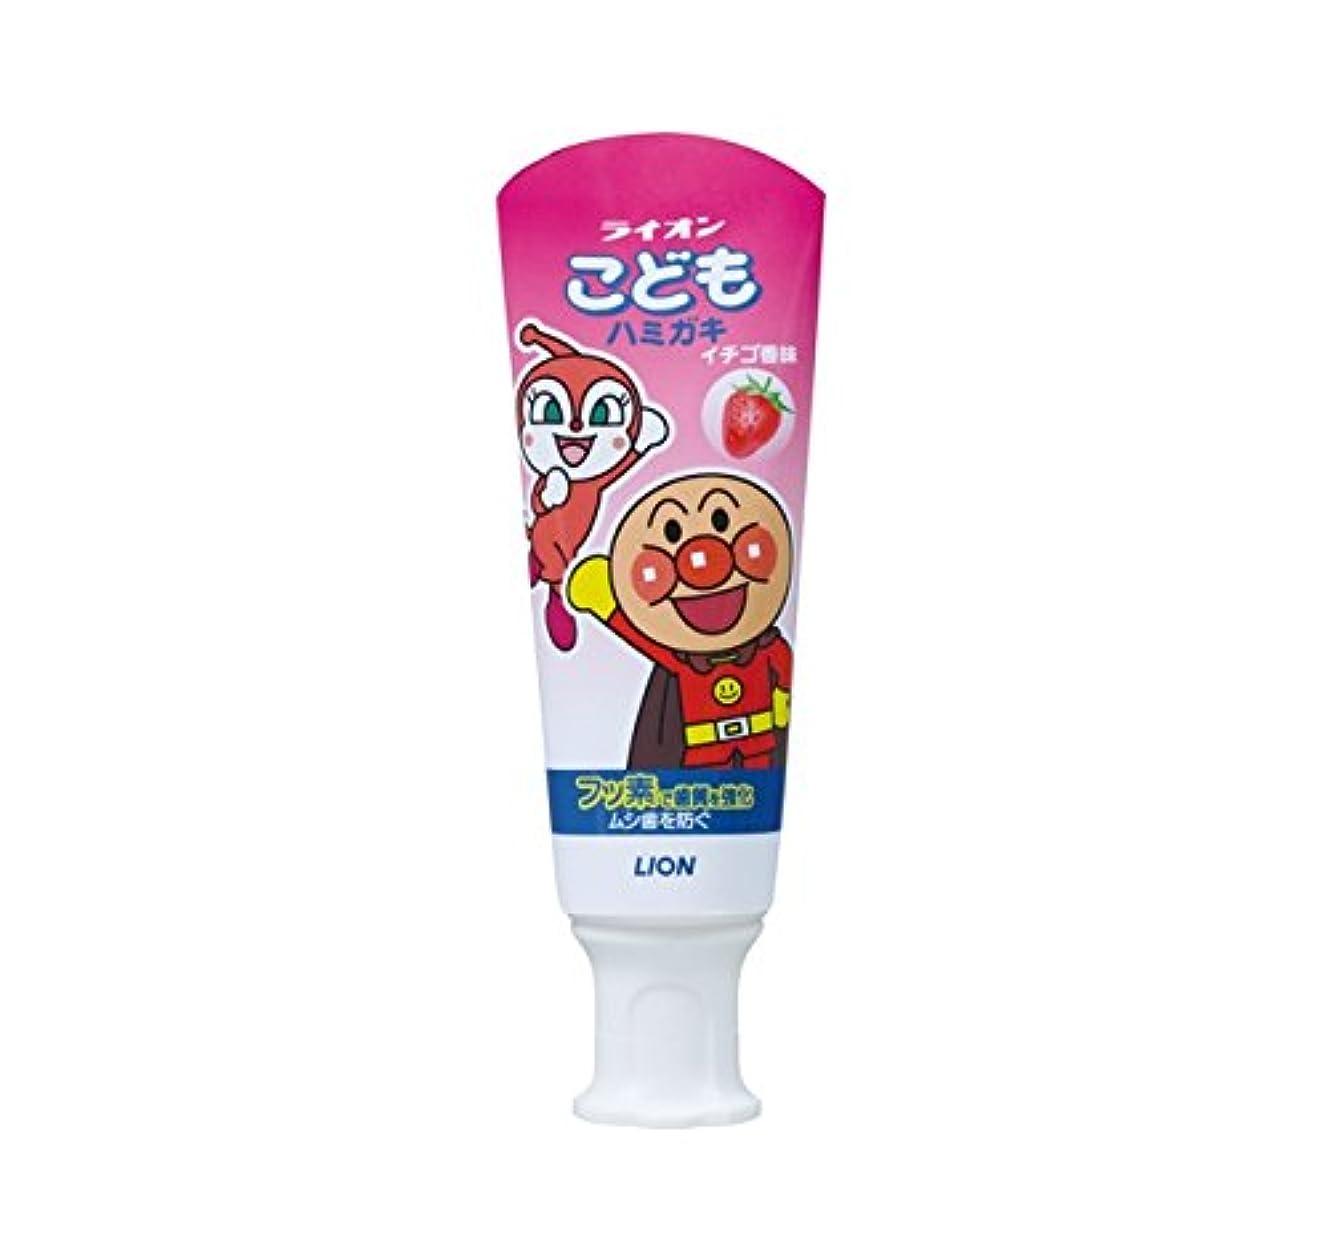 ほんの朝の体操をするランチこどもハミガキ アンパンマン イチゴ香味 40g (医薬部外品)